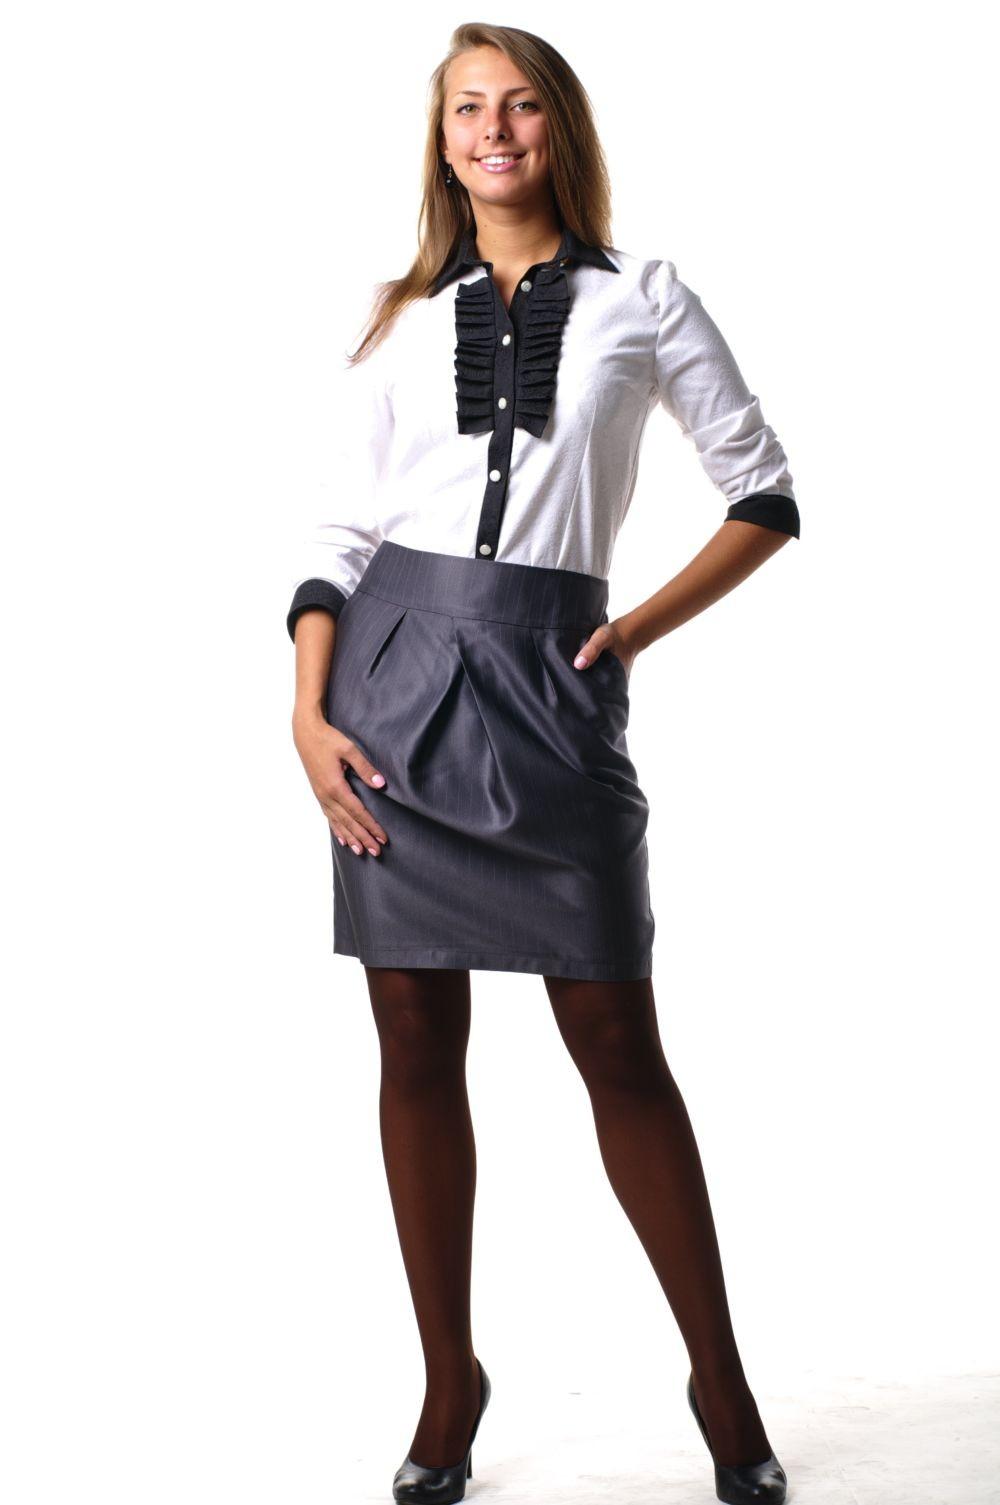 серая юбка с чем носить: юбка тюльпан под рубашку белую